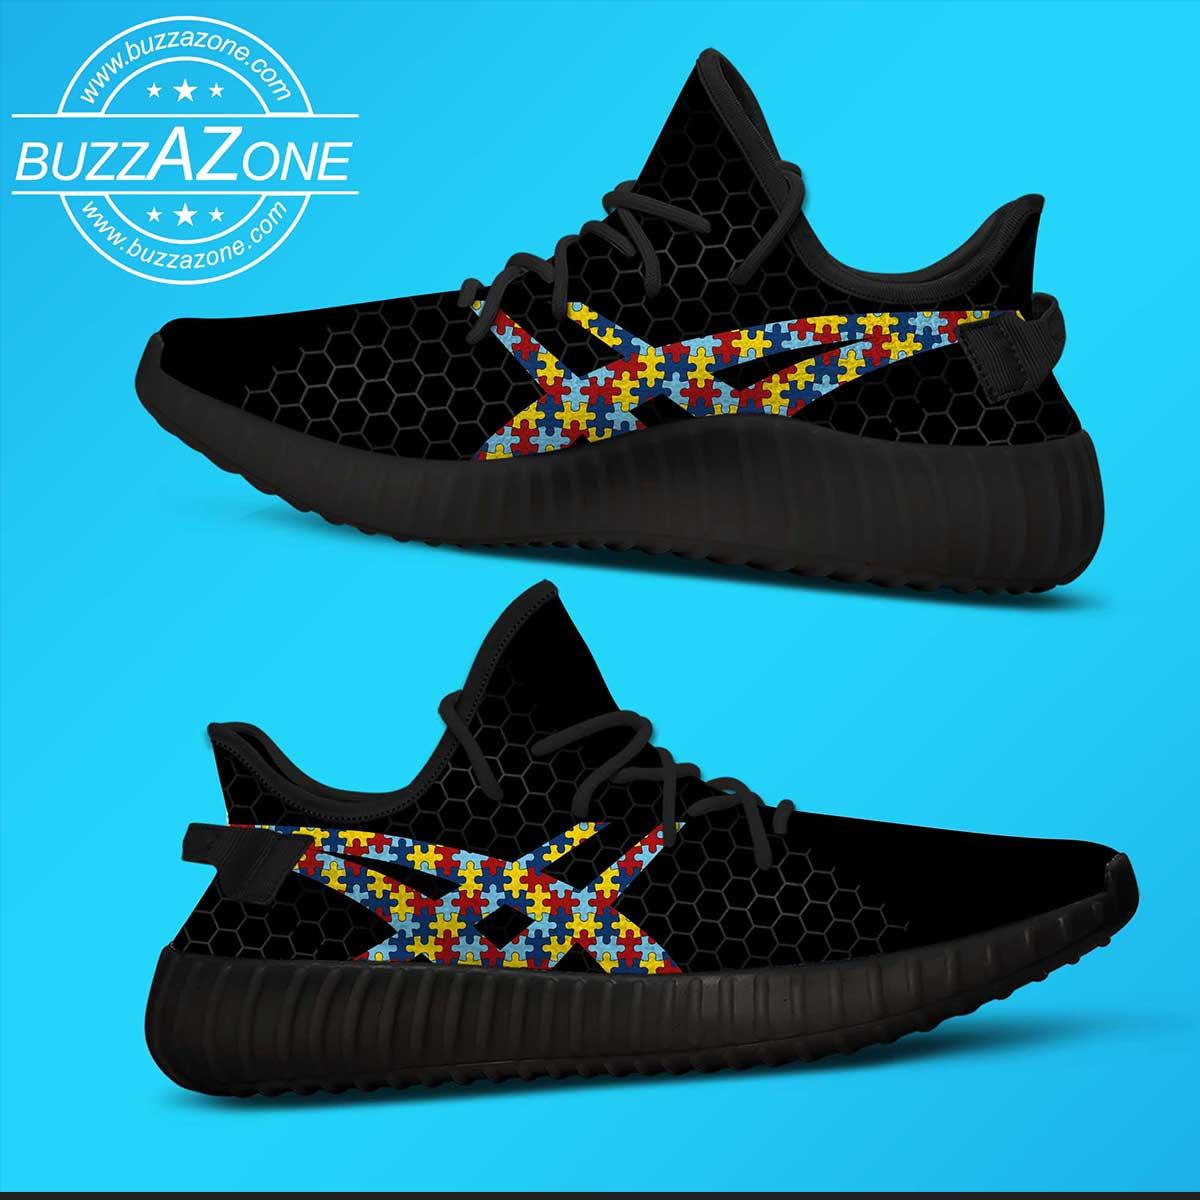 Autism awareness custom yeezy sneakers 3